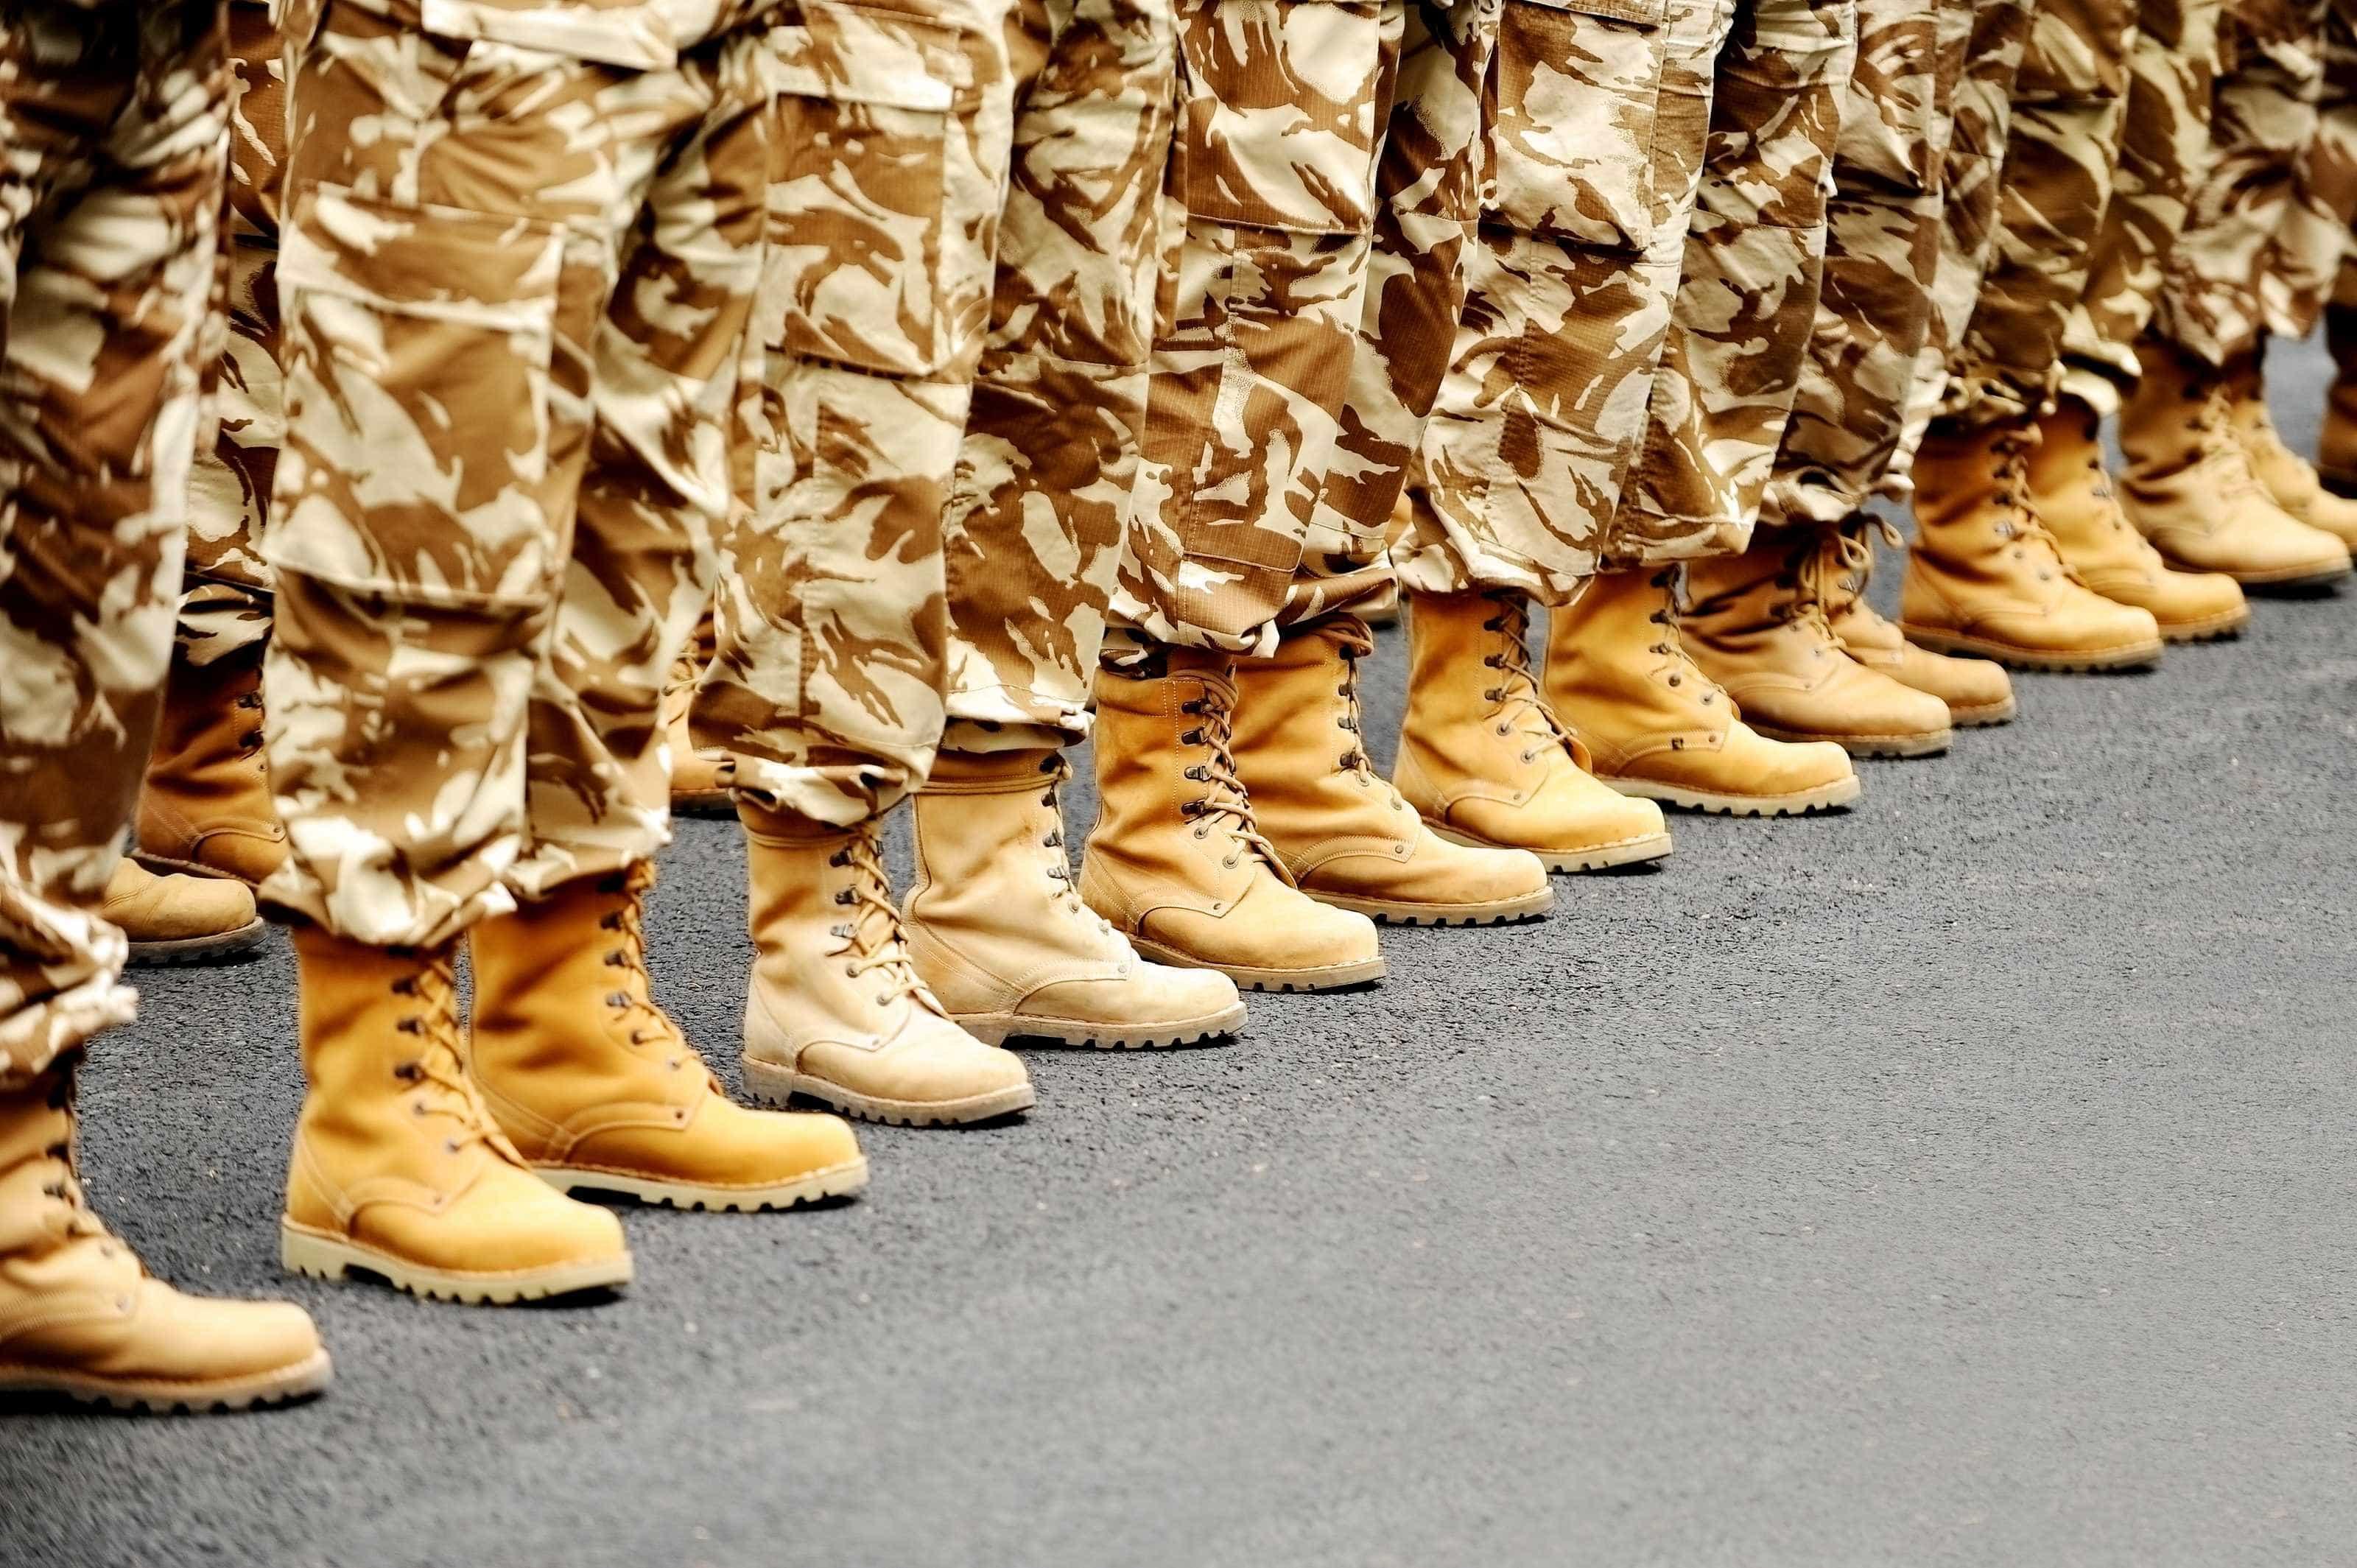 Soldados dos EUA hospitalizados após naufrágio na Polónia